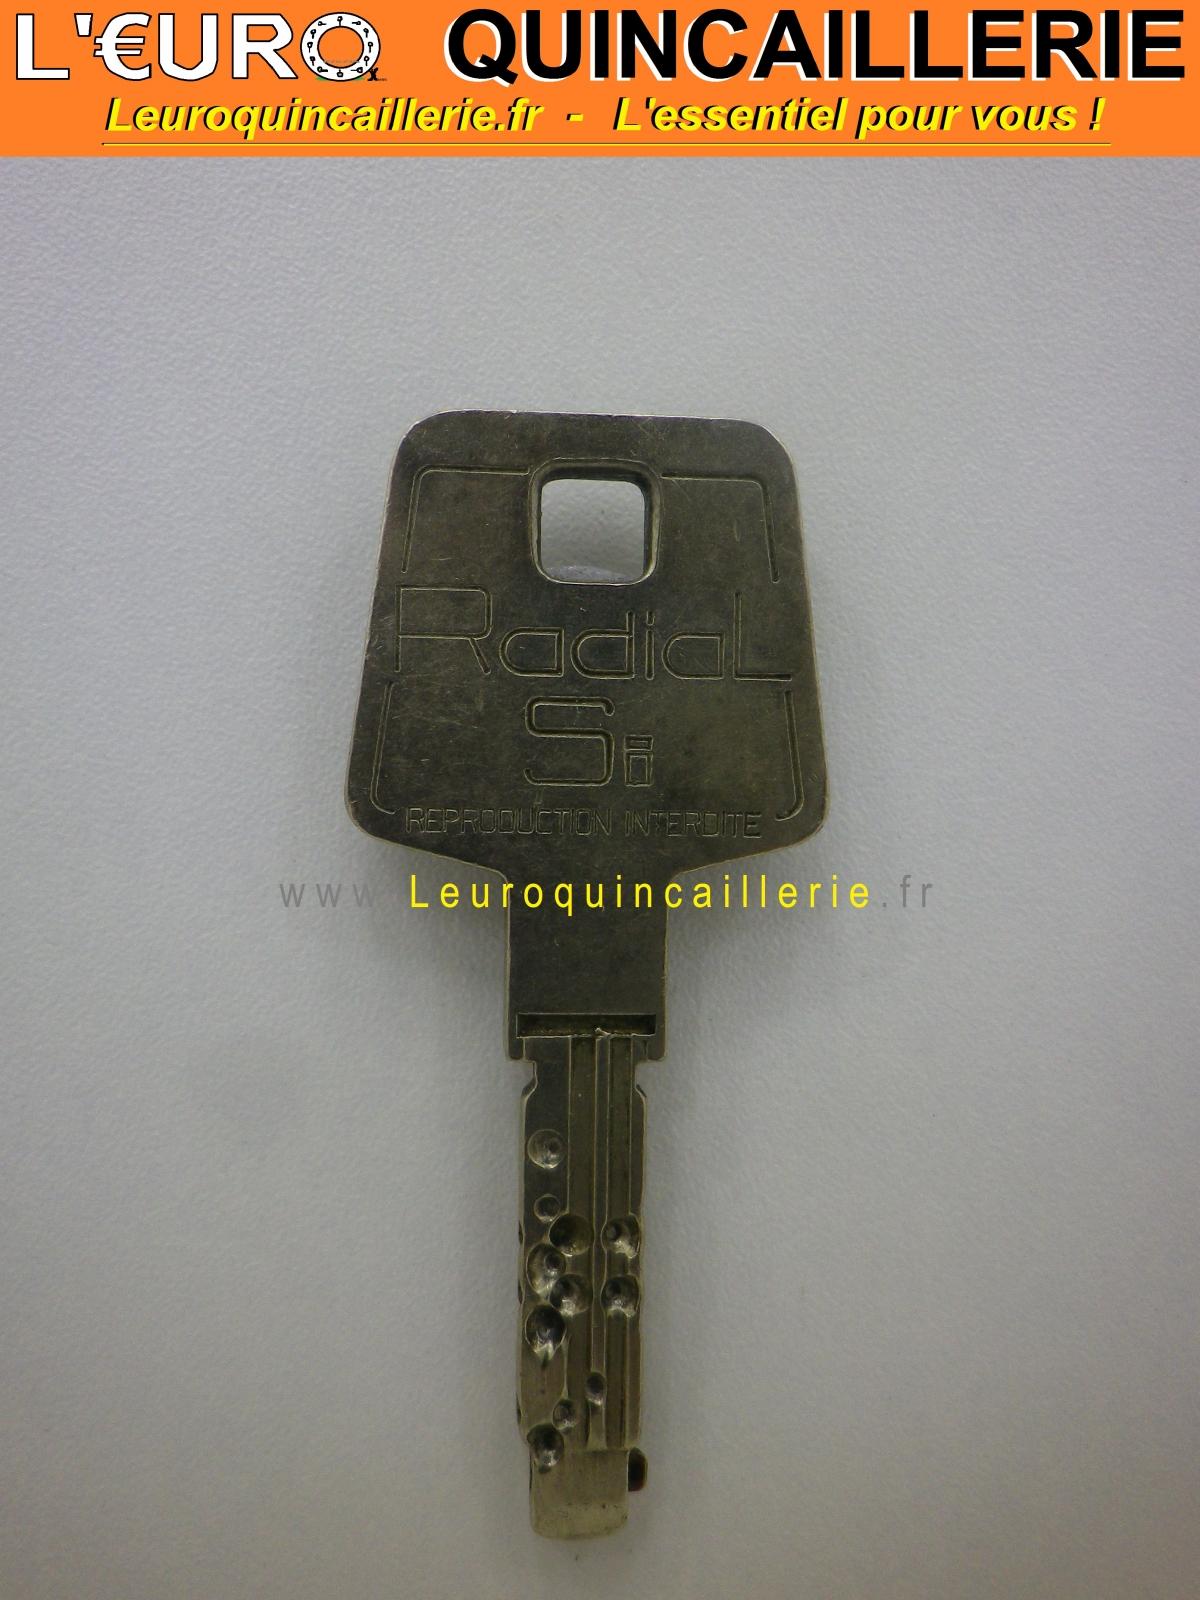 Clé brevetée Vachette Radial Si sur numéro